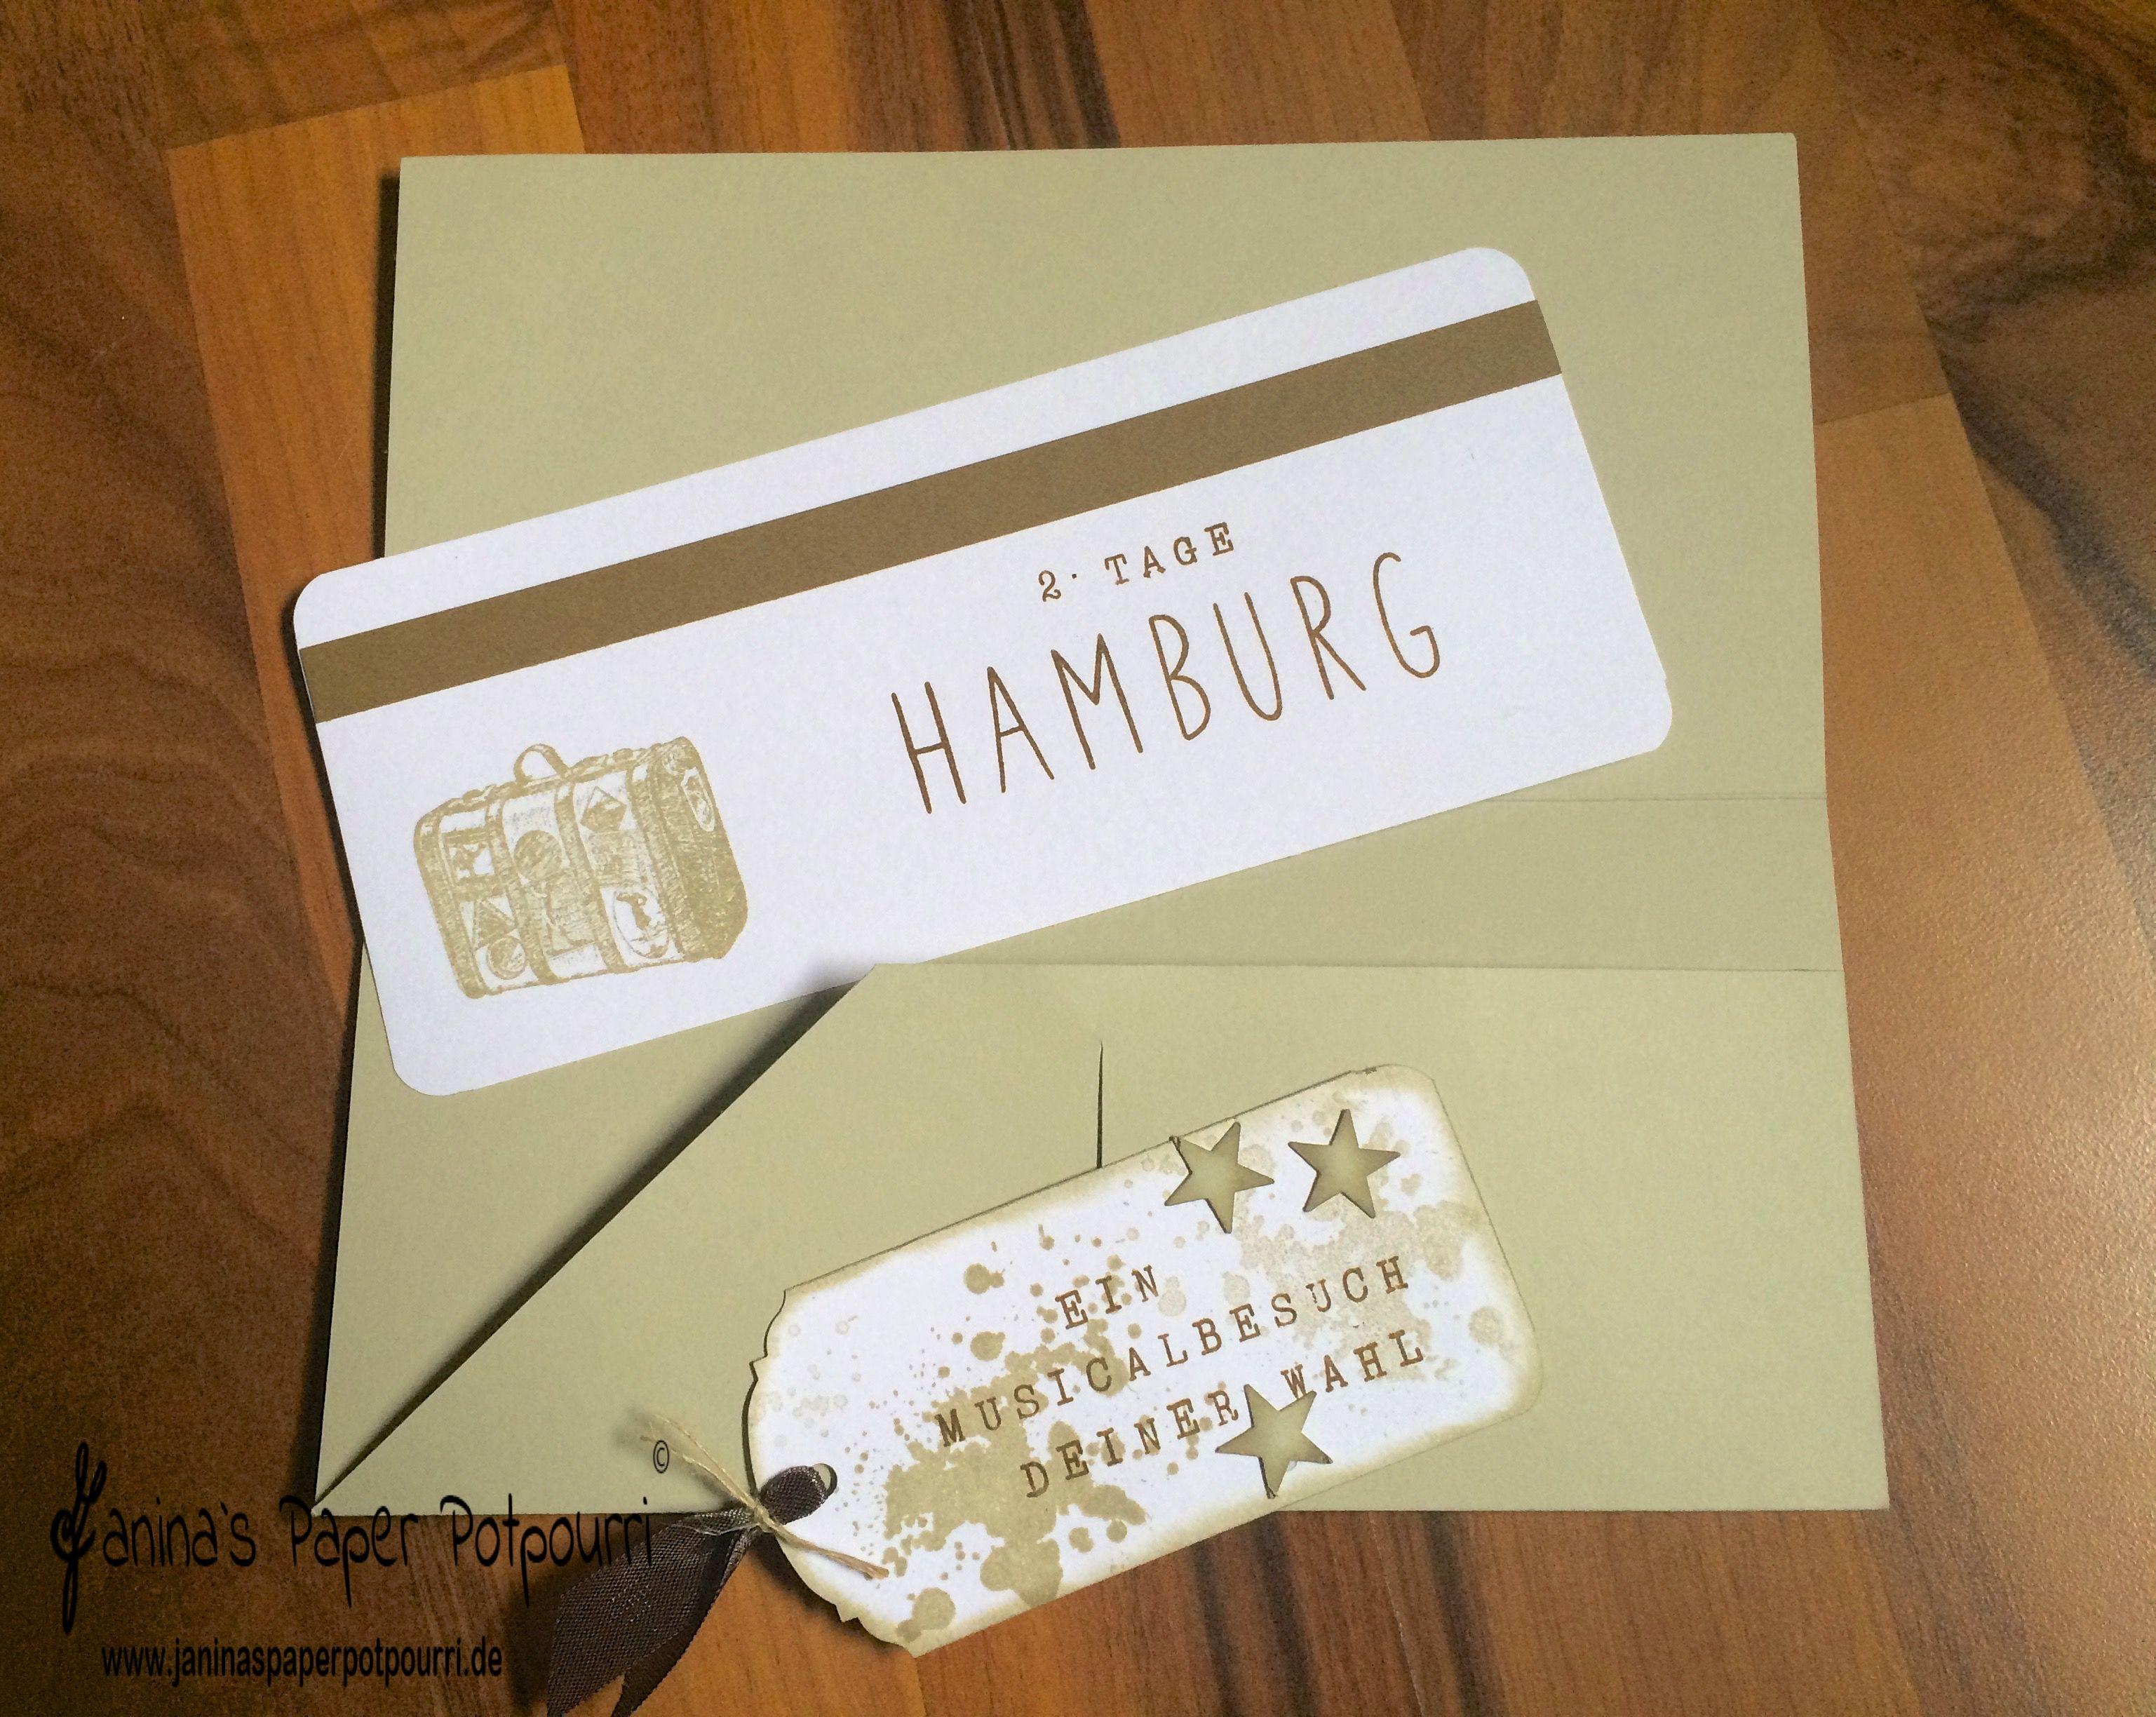 reise gutschein ticket style travel voucher gift geschenke pinterest geschenke. Black Bedroom Furniture Sets. Home Design Ideas